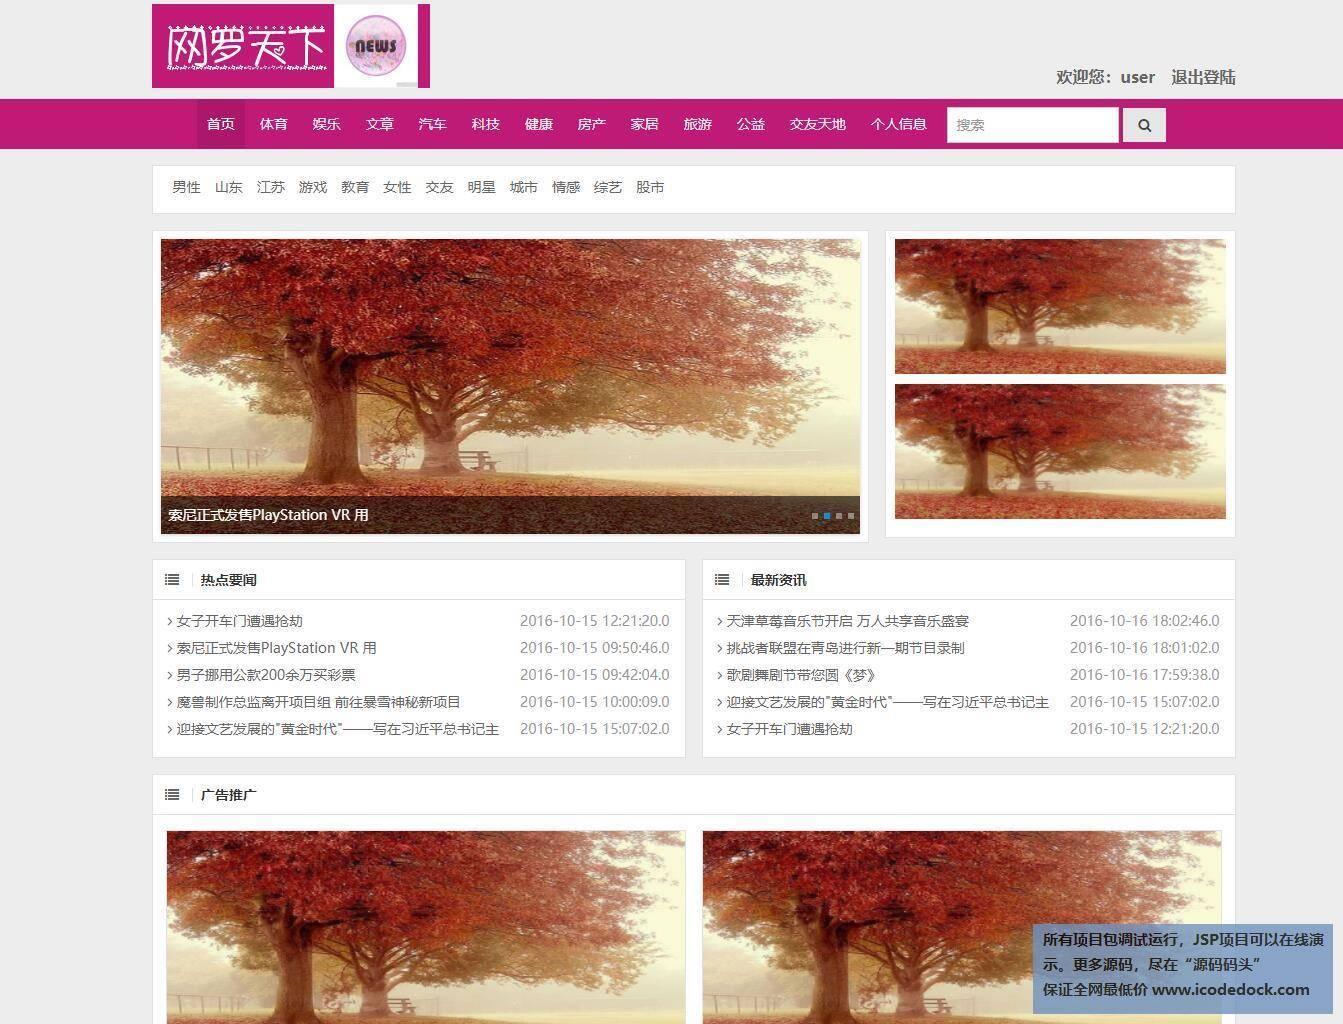 源码码头-SSM新闻资讯网站管理系统-用户角色-用户首页